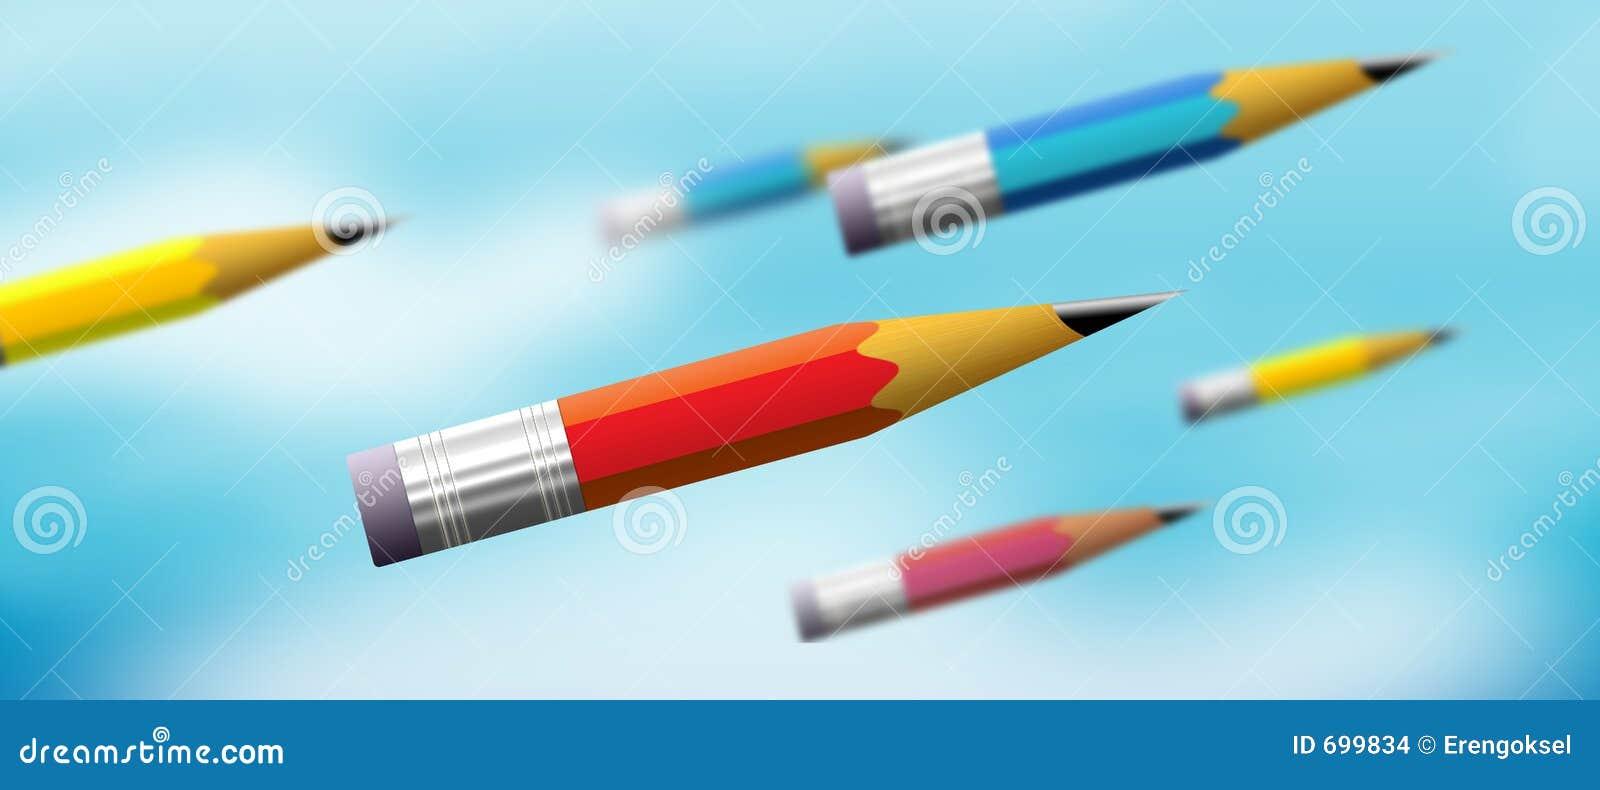 Potenza della matita